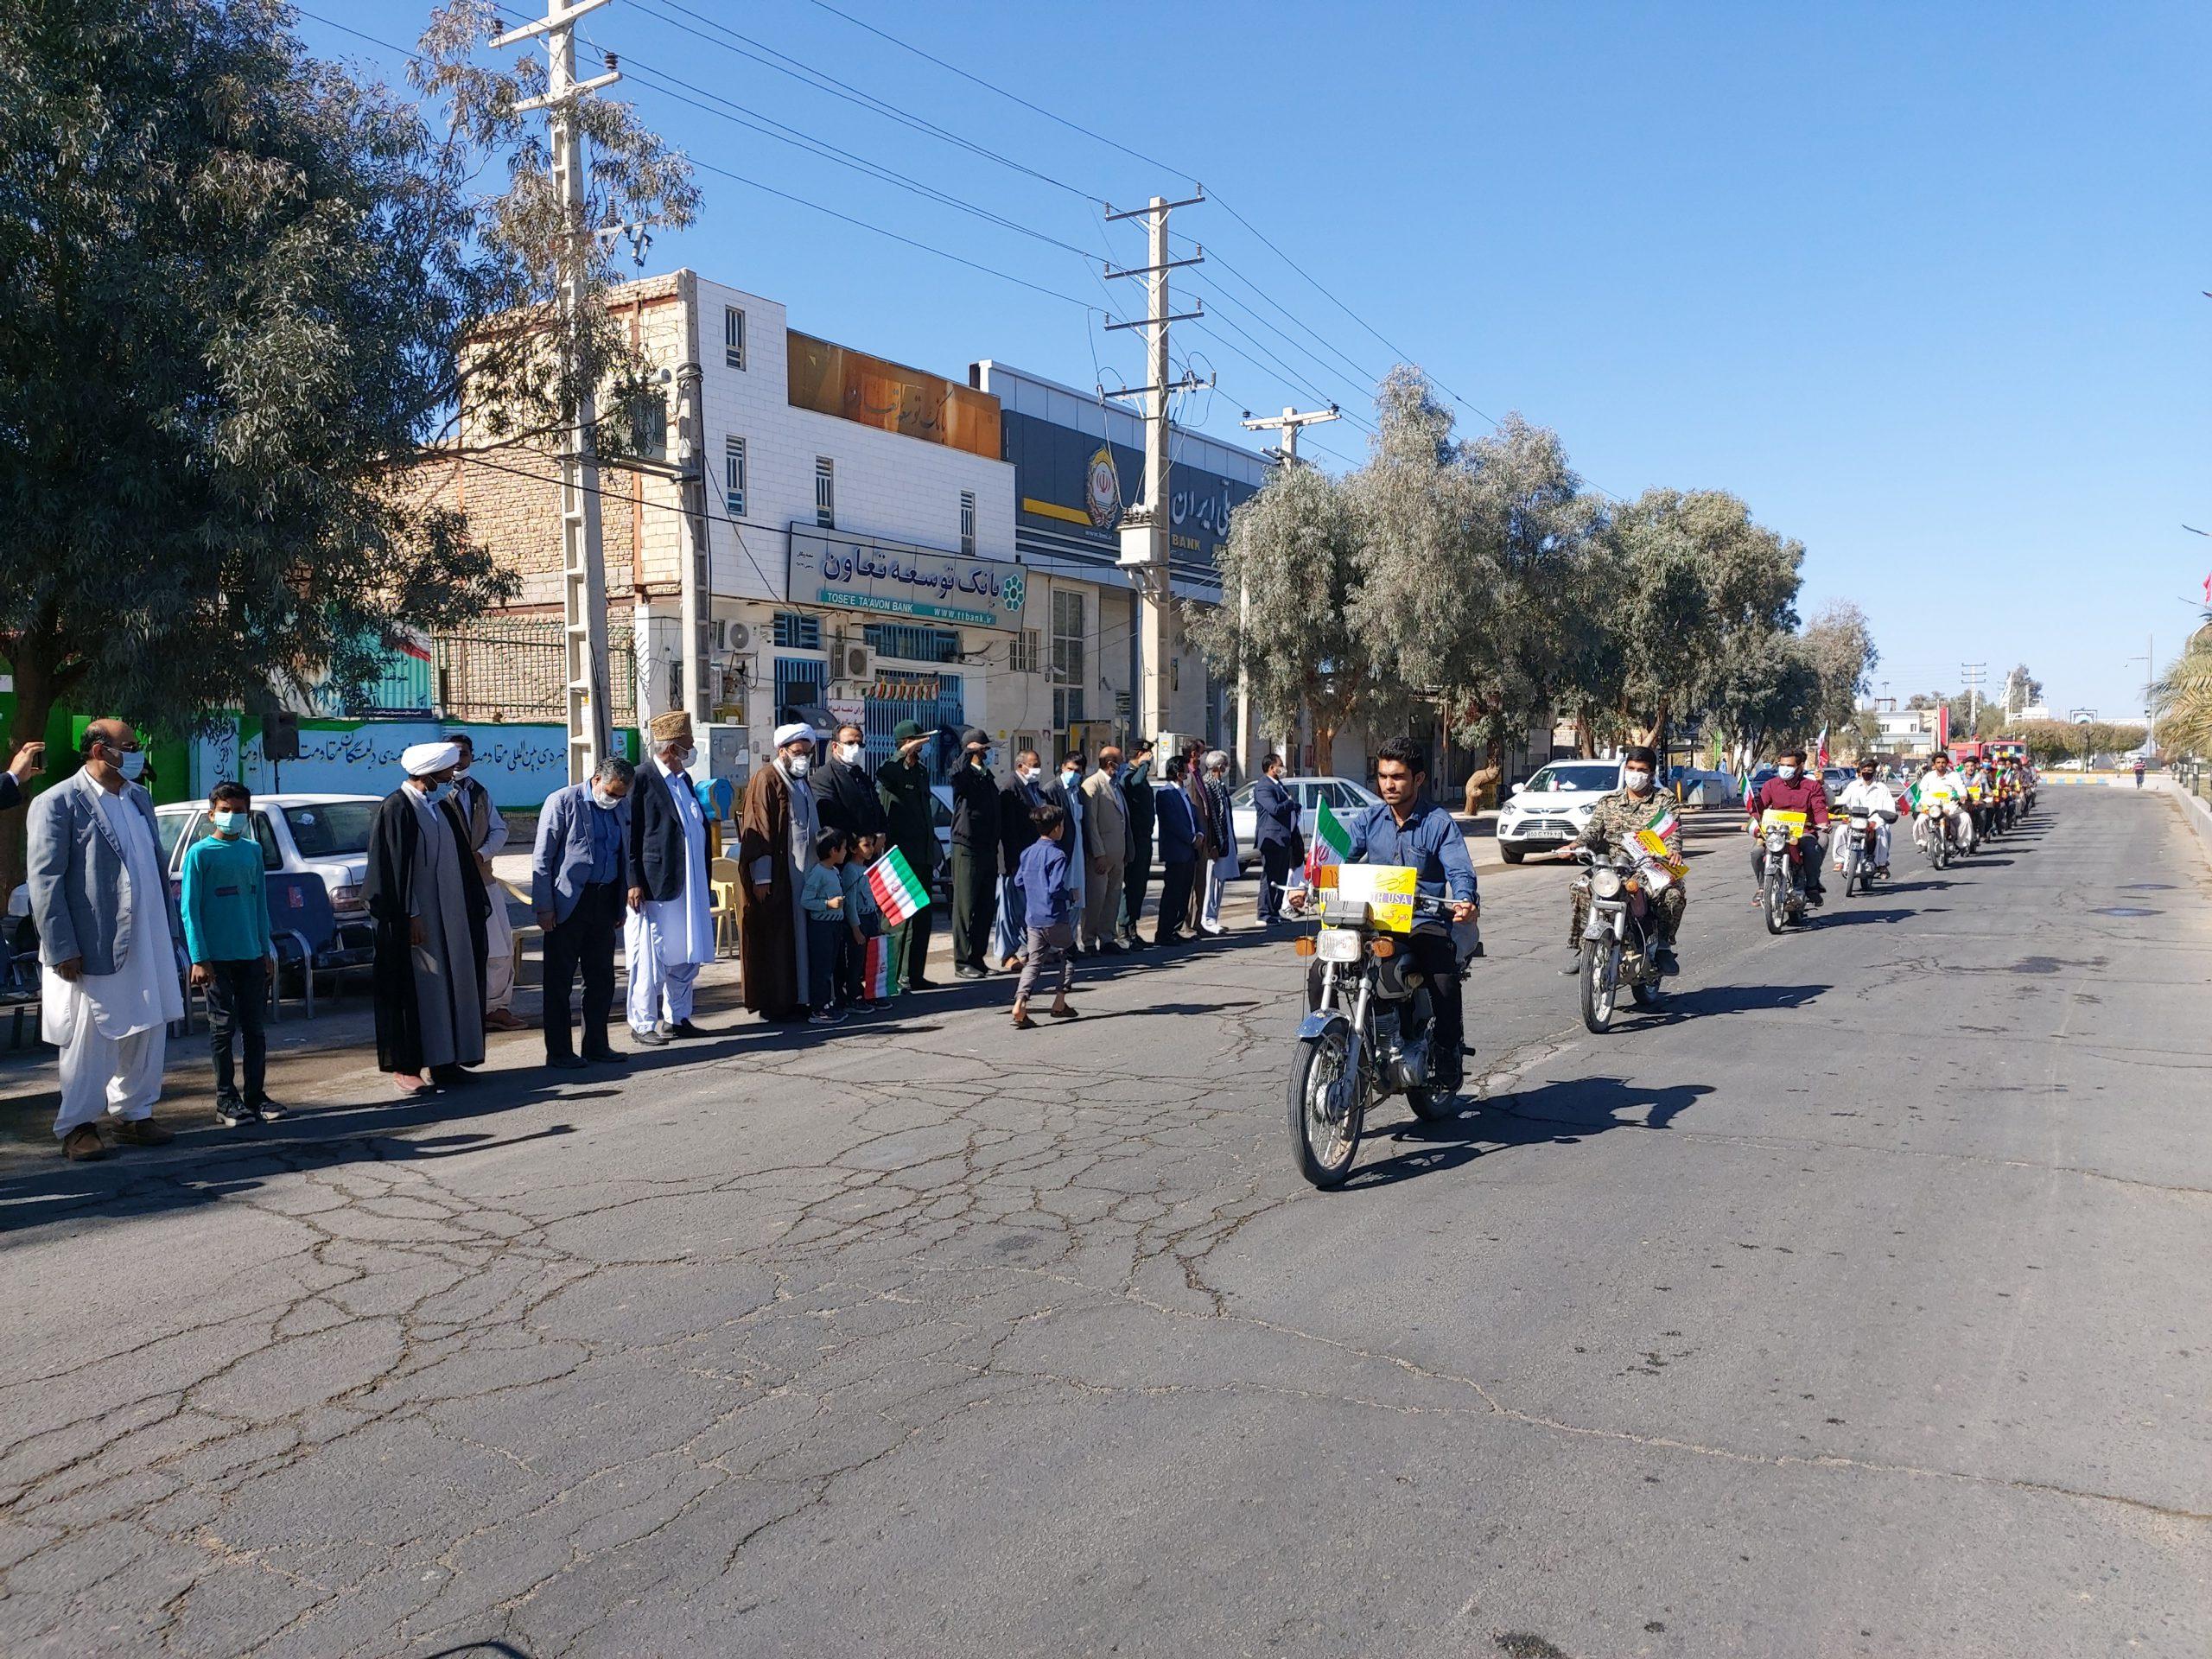 تقدیر شورای هماهنگی تبلیغات اسلامی ریگان از حضور باشکوه مردم در راهپیمایی خودرویی ۲۲ بهمن